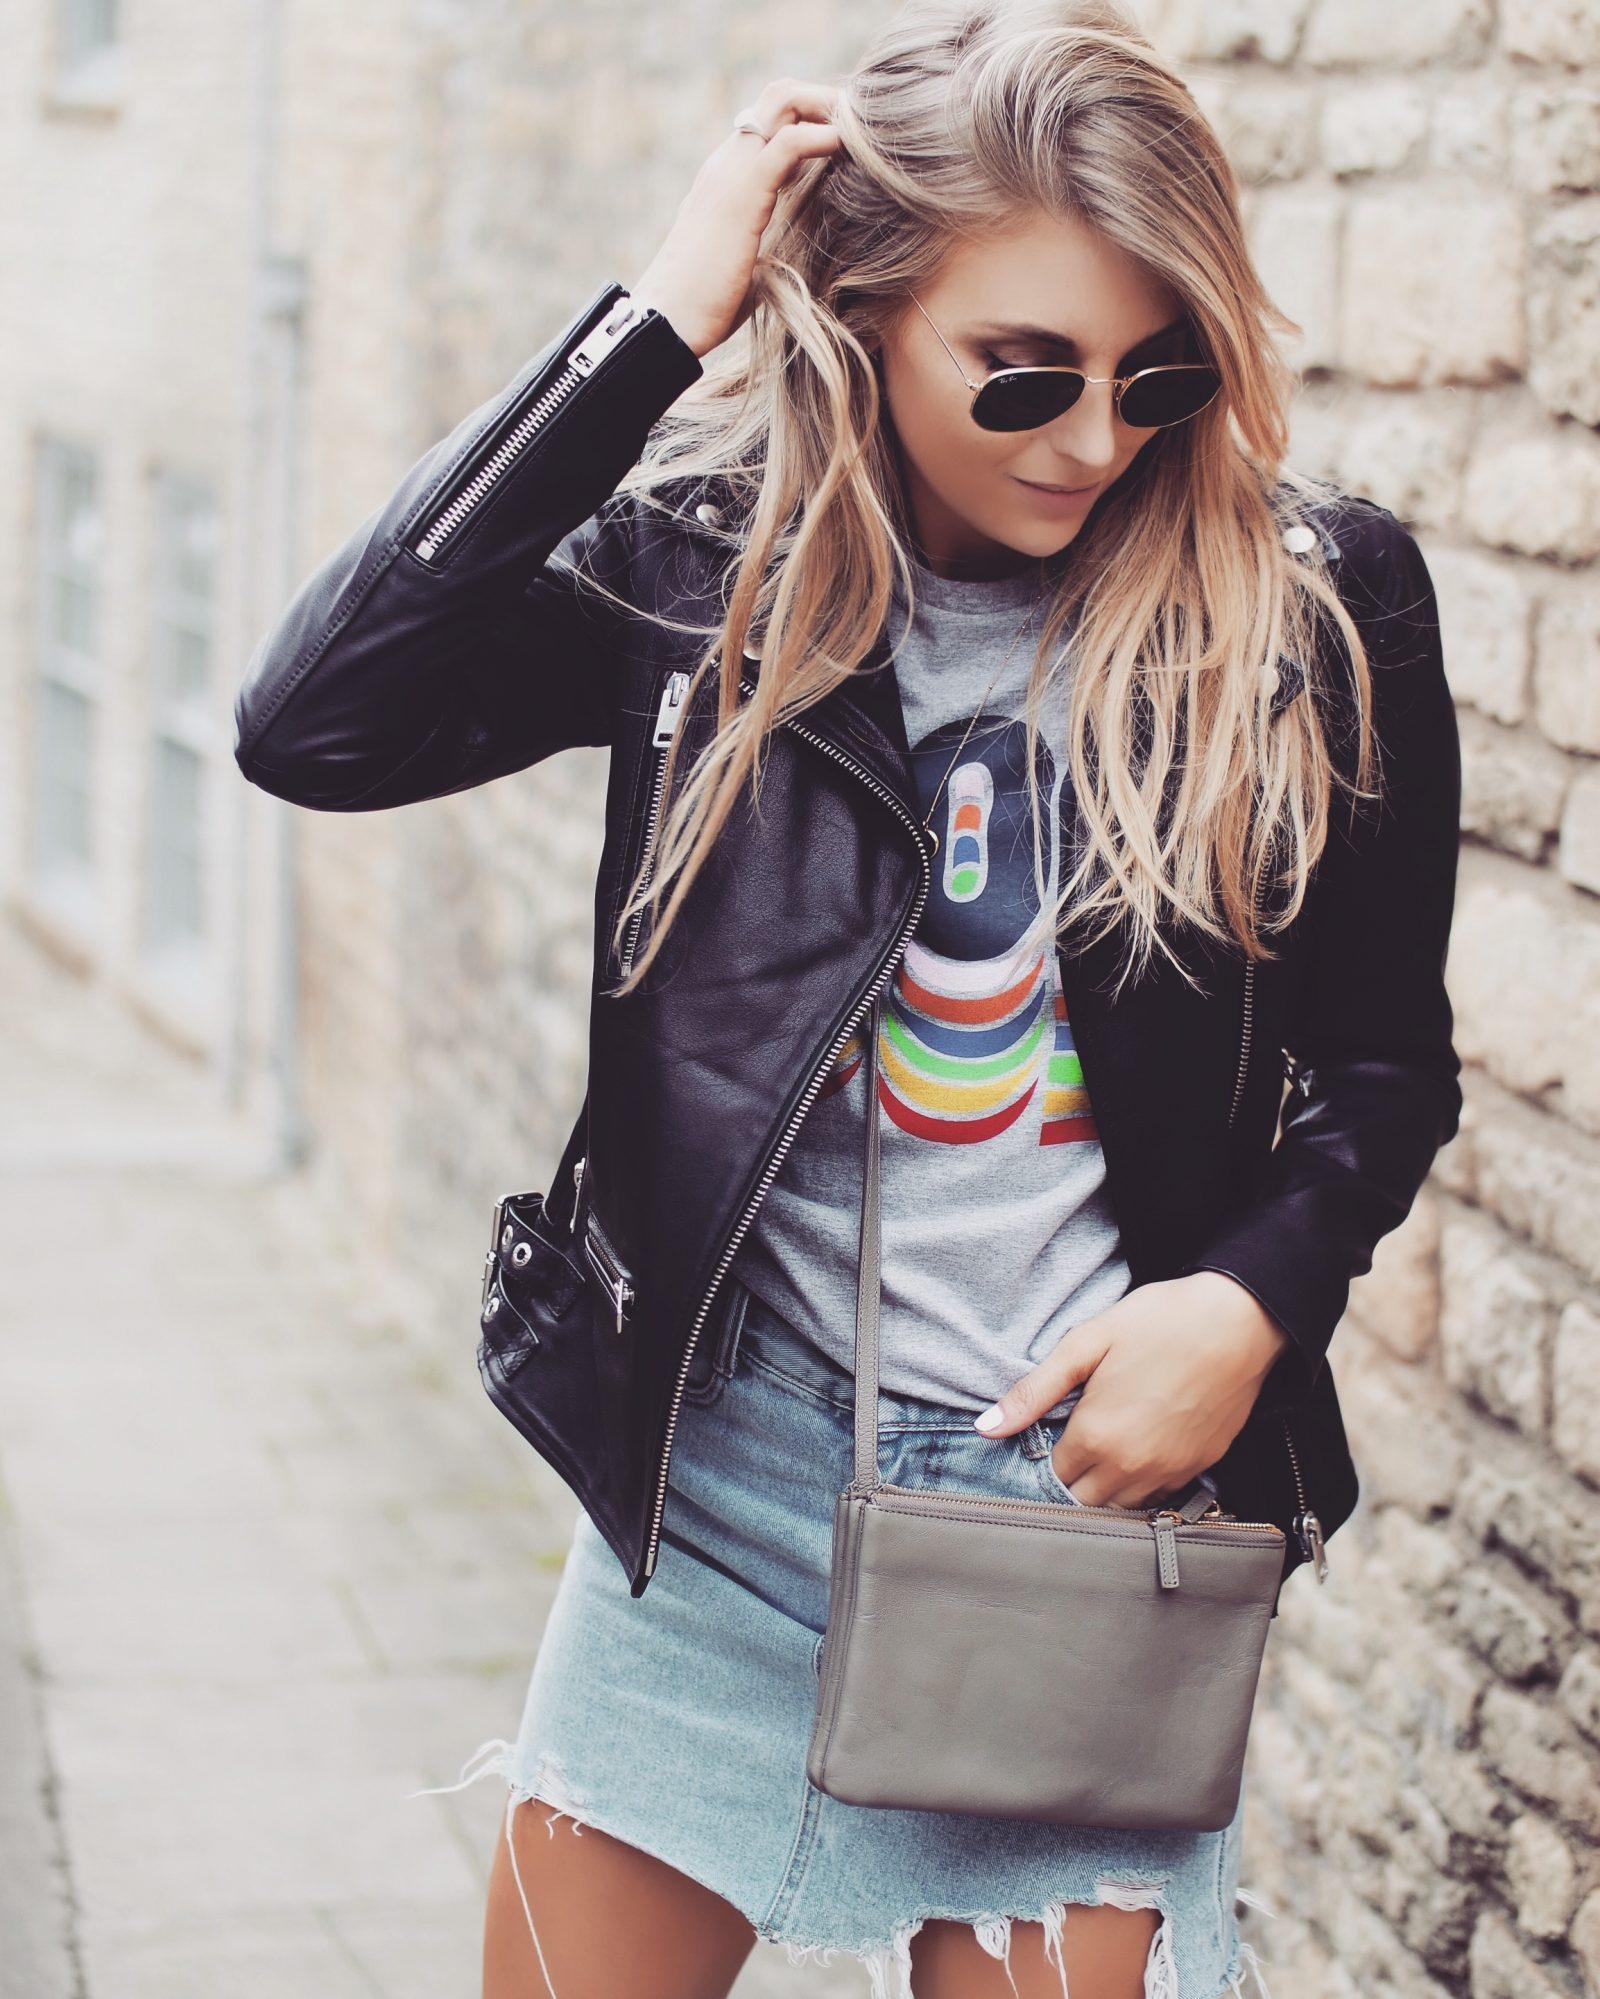 Leather Jacket - Fashion Blogger Street Style